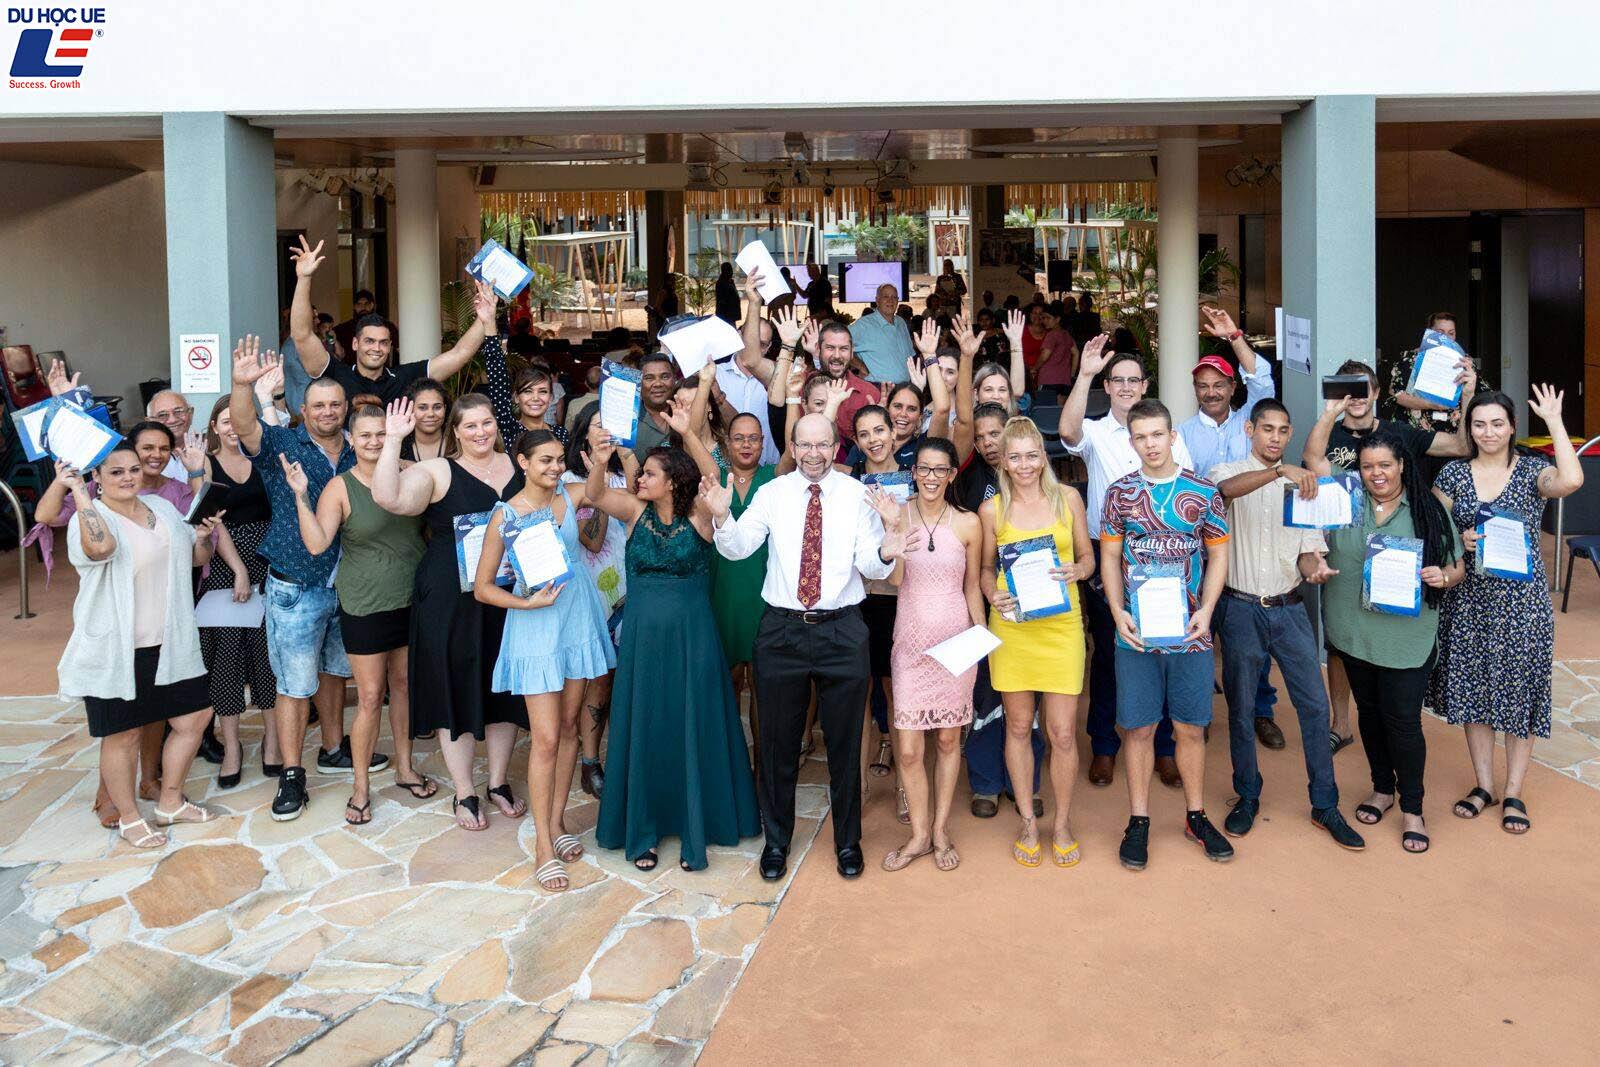 Thiên đường học bổng lên đến 100% dễ dàng tại Charlles Darwin University 5